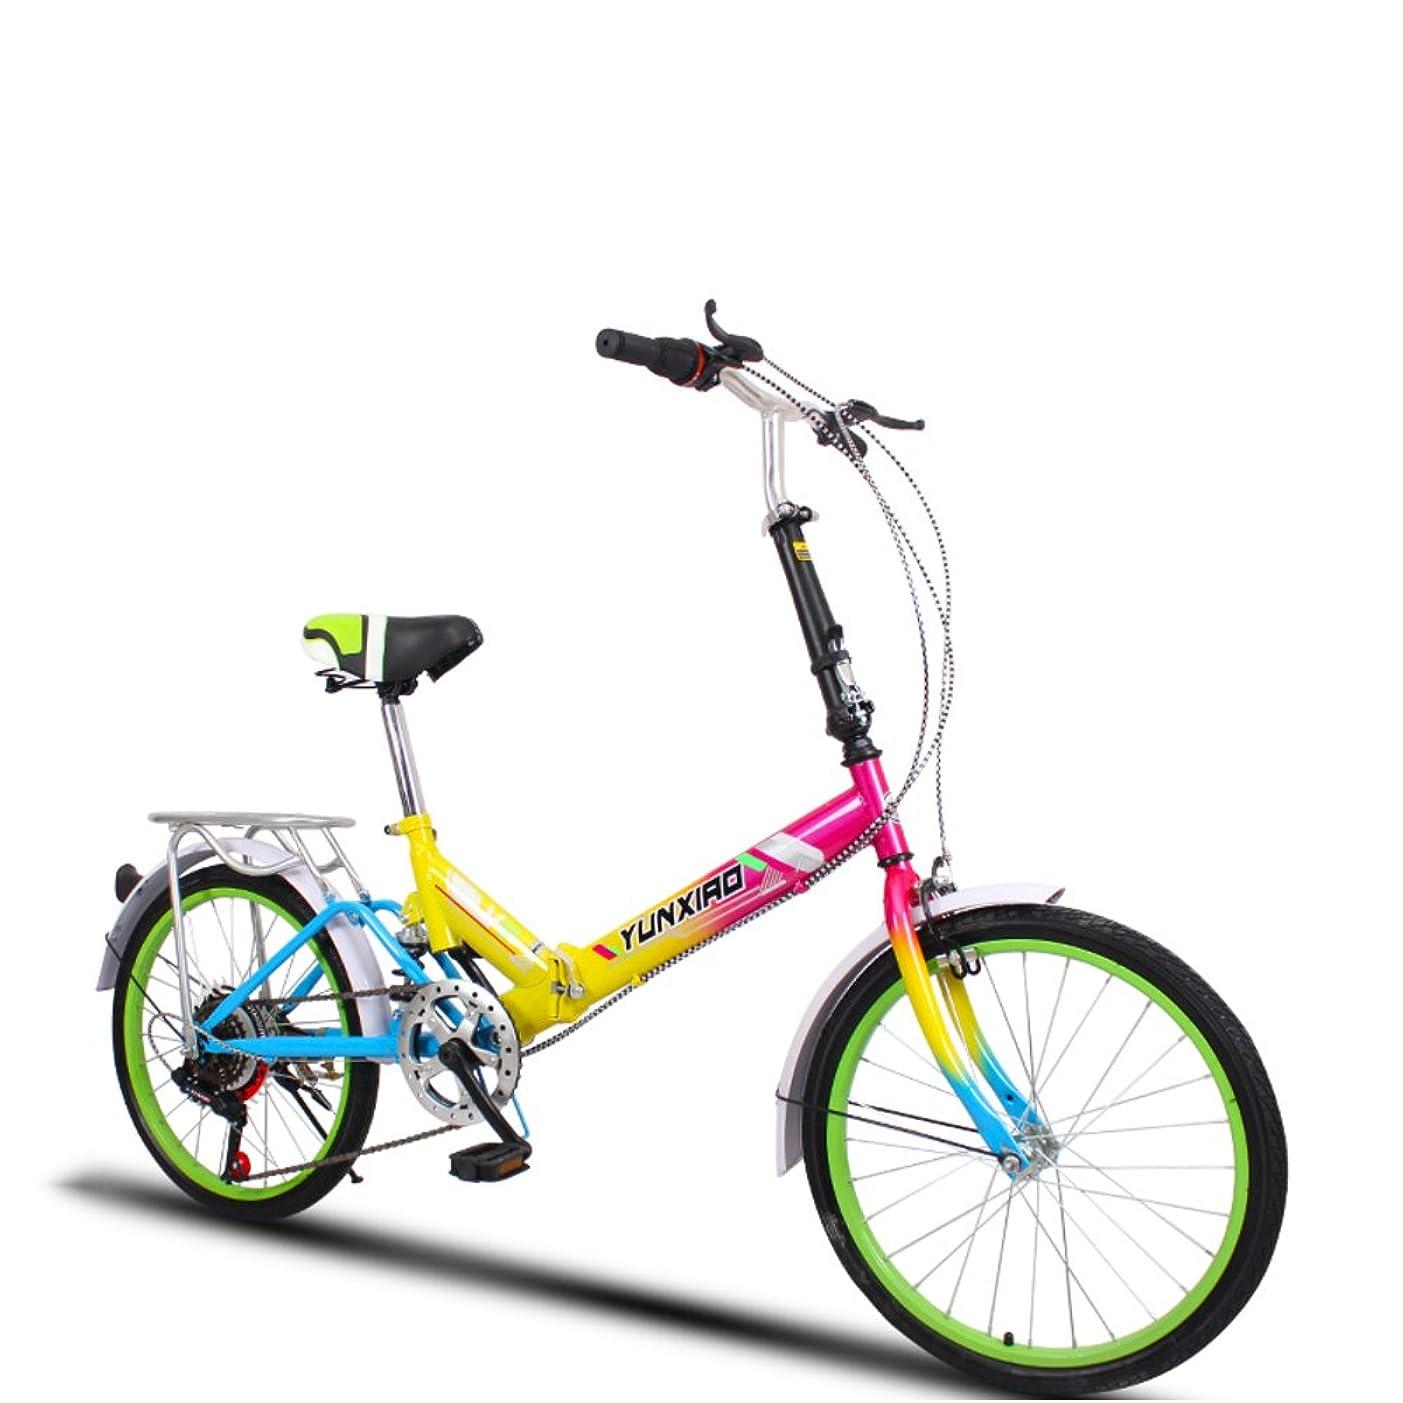 硬さ海里バラ色学生折りたたみ自転車, 折りたたみ自転車 女性のサイクリング 超軽量 ポータブル ミニ 男性 折り畳み自転車